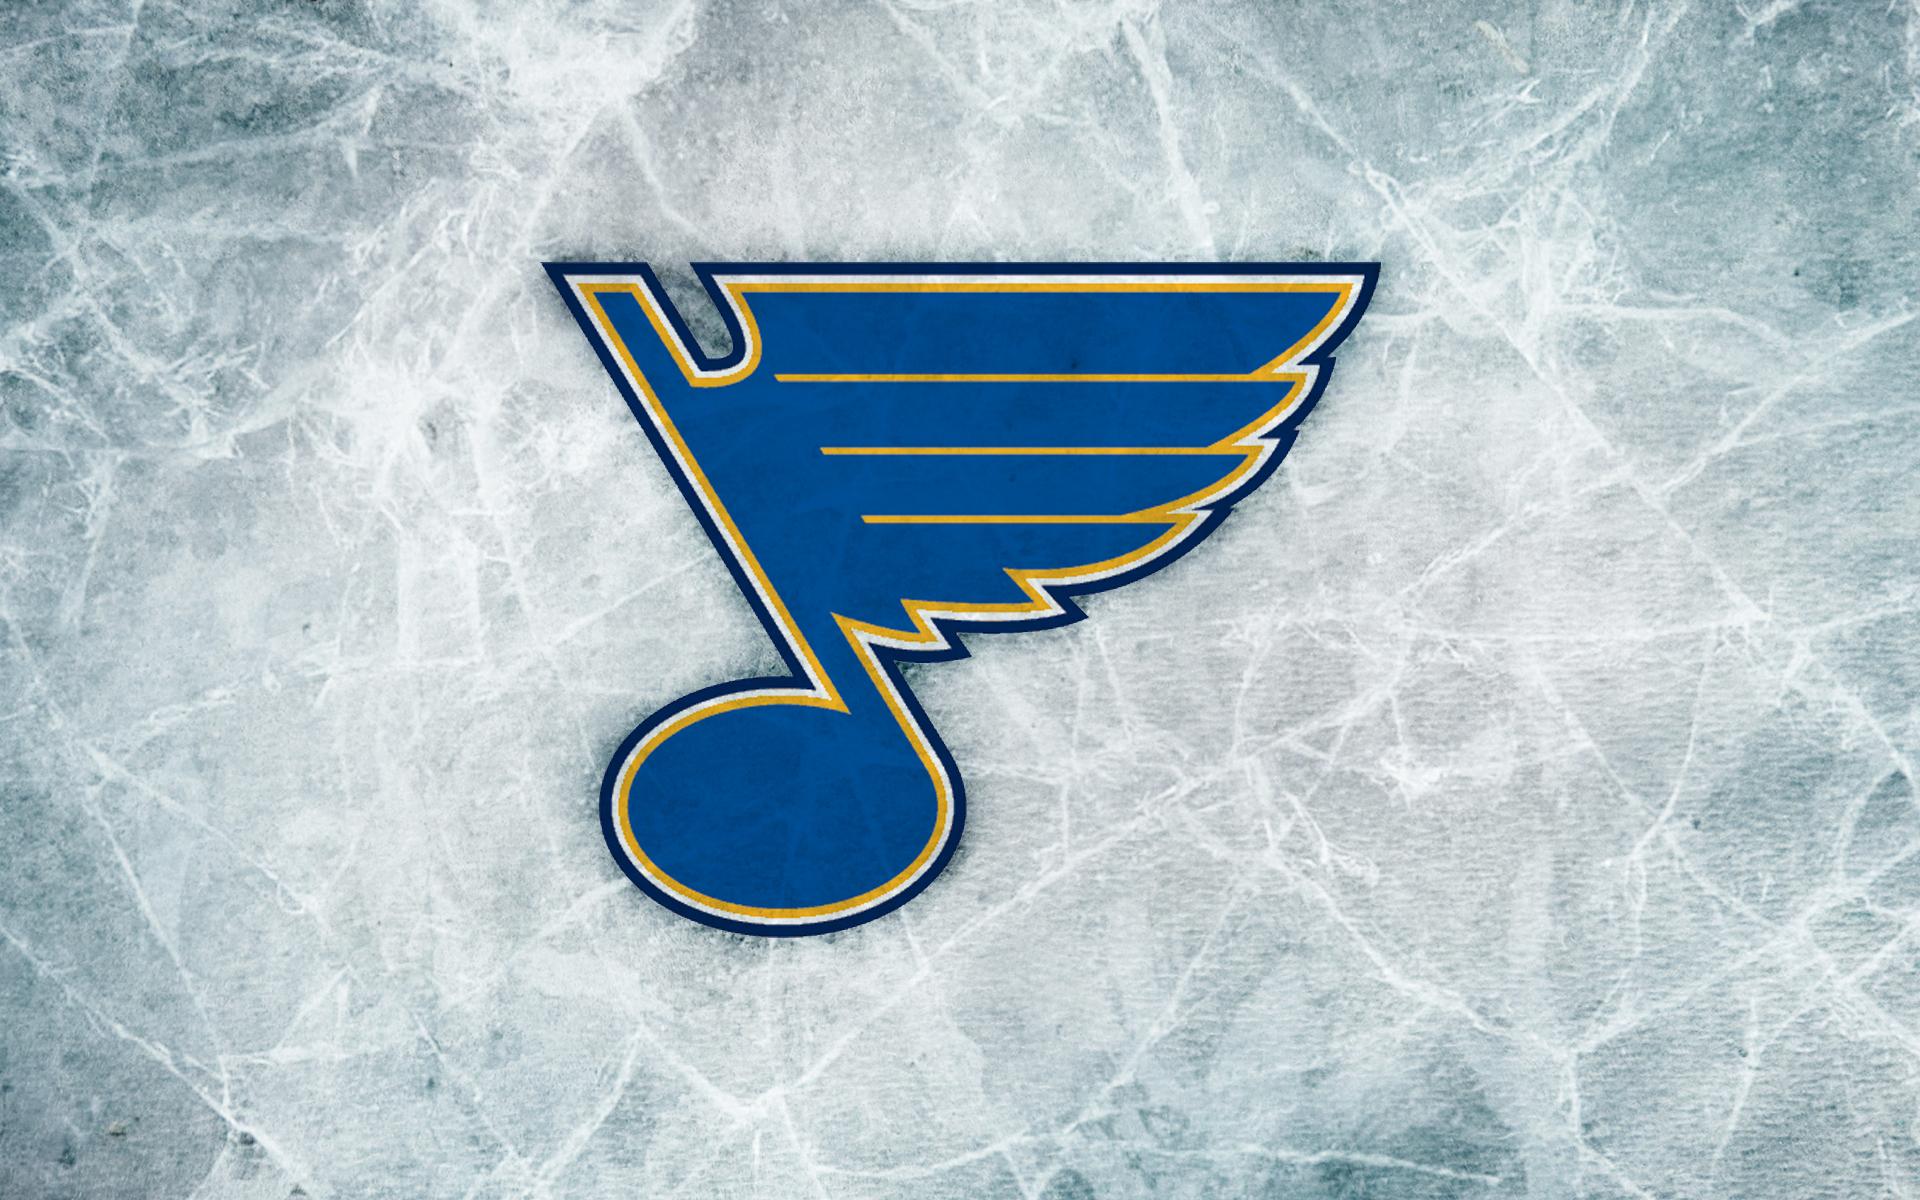 St Louis Blues Logo wallpaper 1920x1200